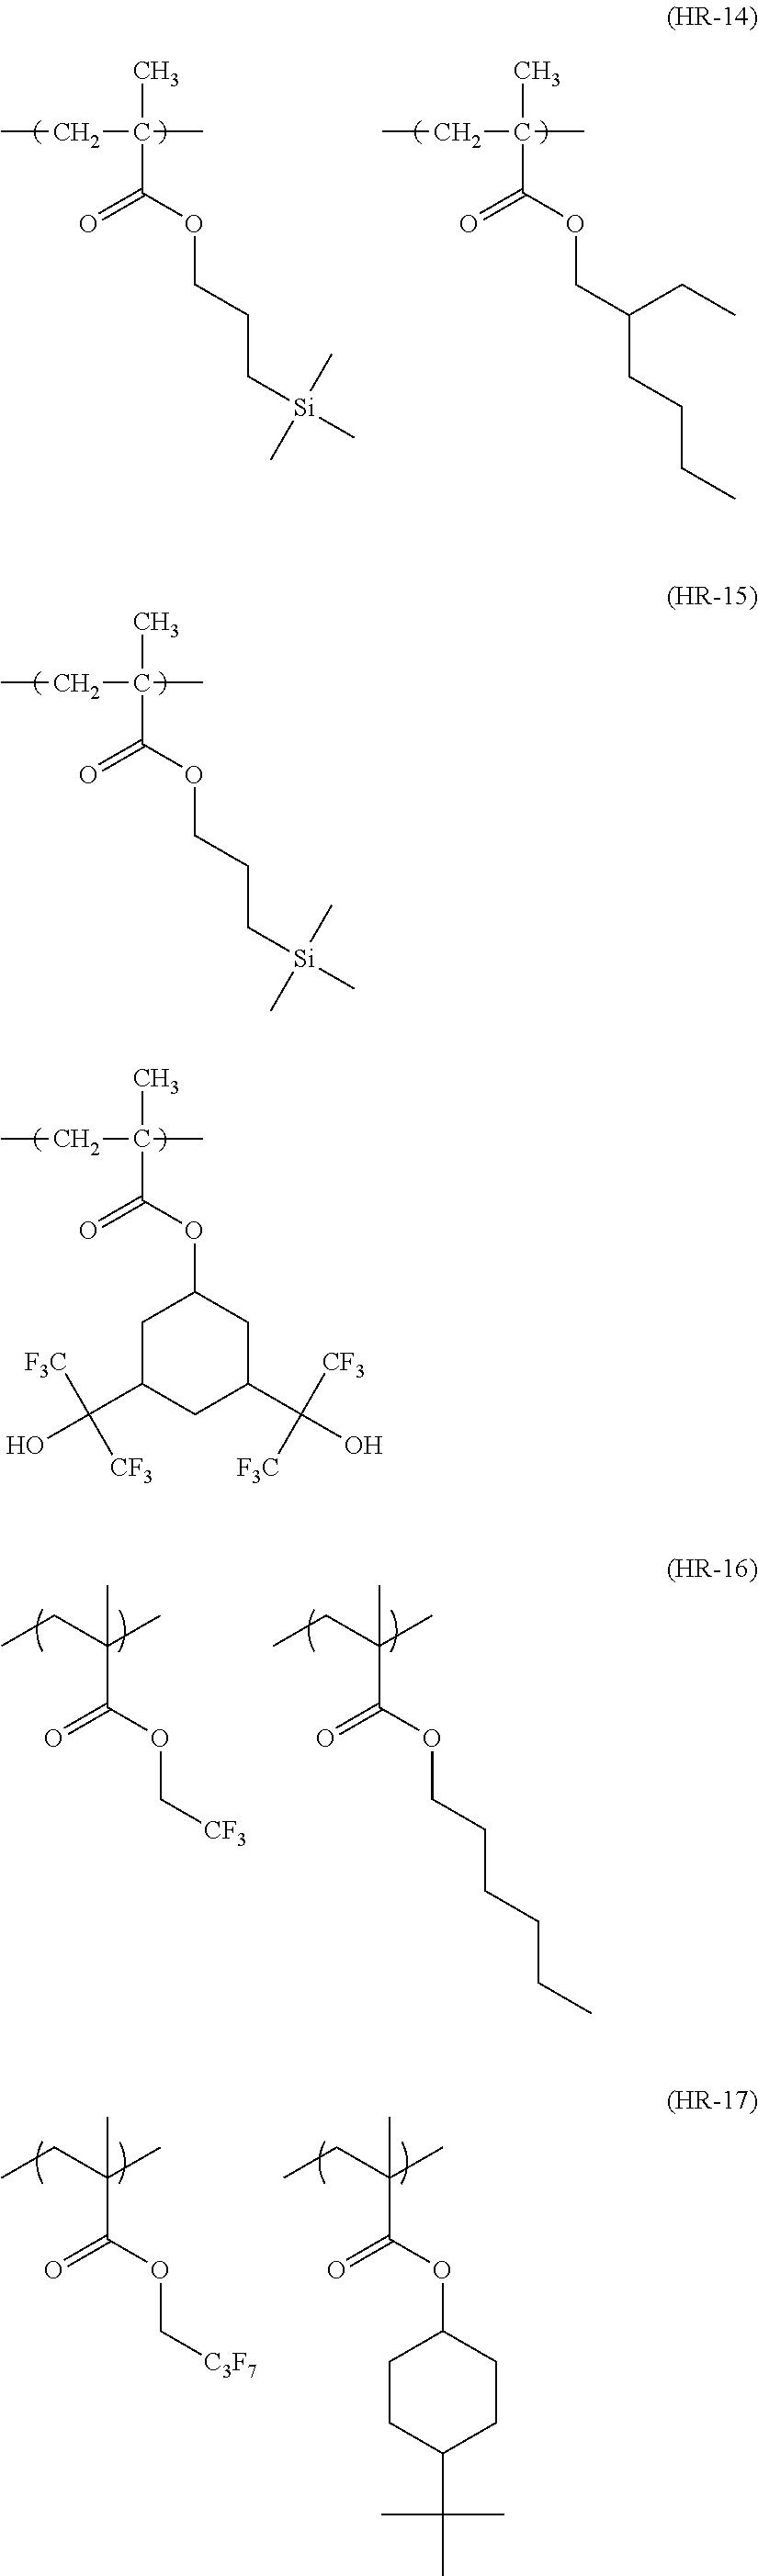 Figure US20110183258A1-20110728-C00114